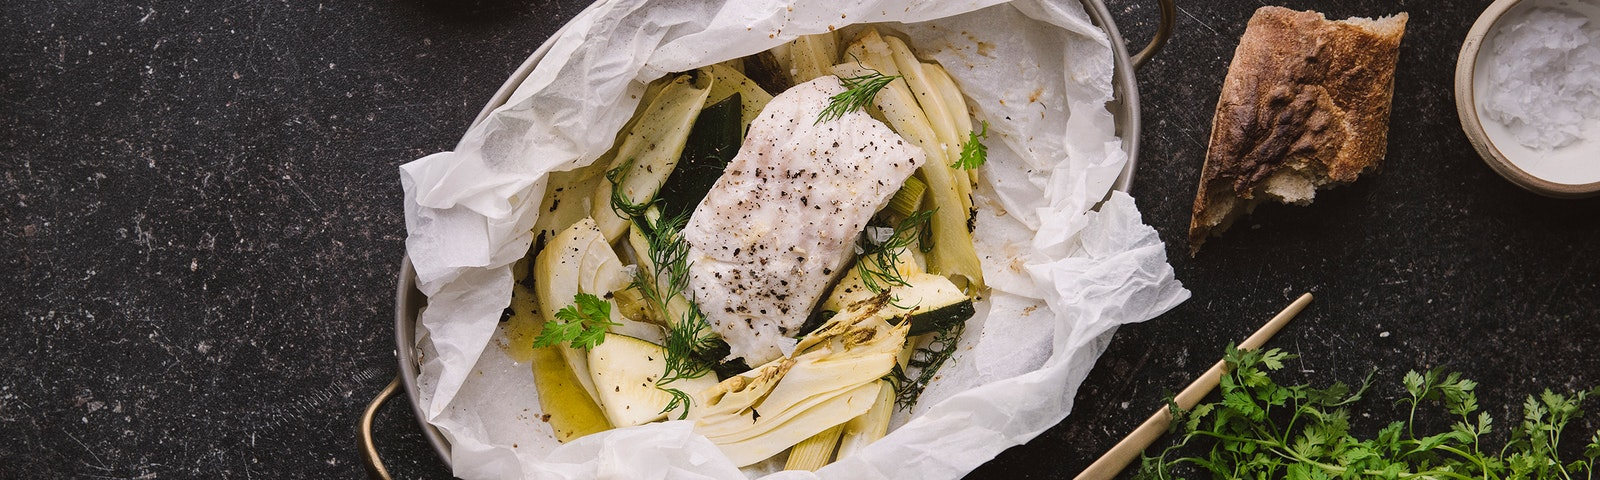 Bakad torsk, grillad fänkål och dillmajonnäs